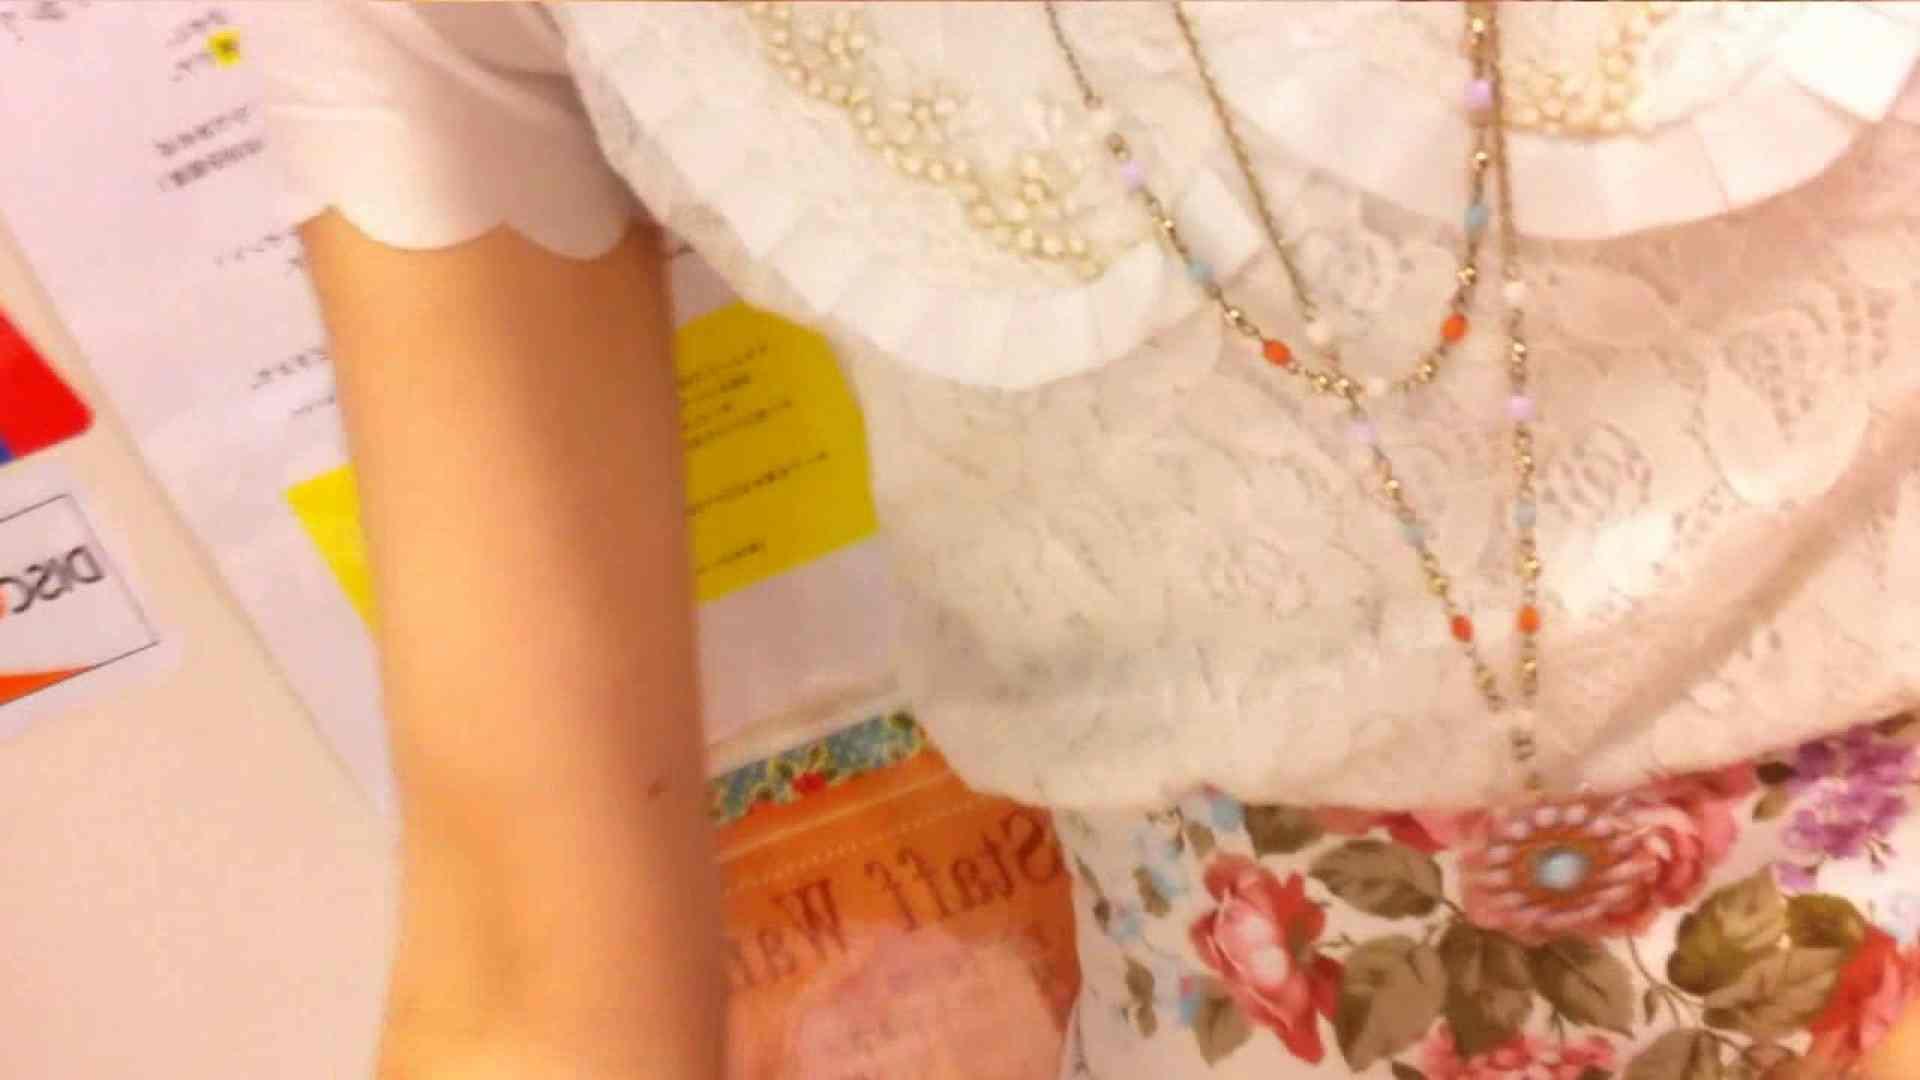 可愛いカリスマ店員限定‼胸チラ&パンチラ vol.04 おまんこ無修正 盗み撮りAV無料動画キャプチャ 95pic 64